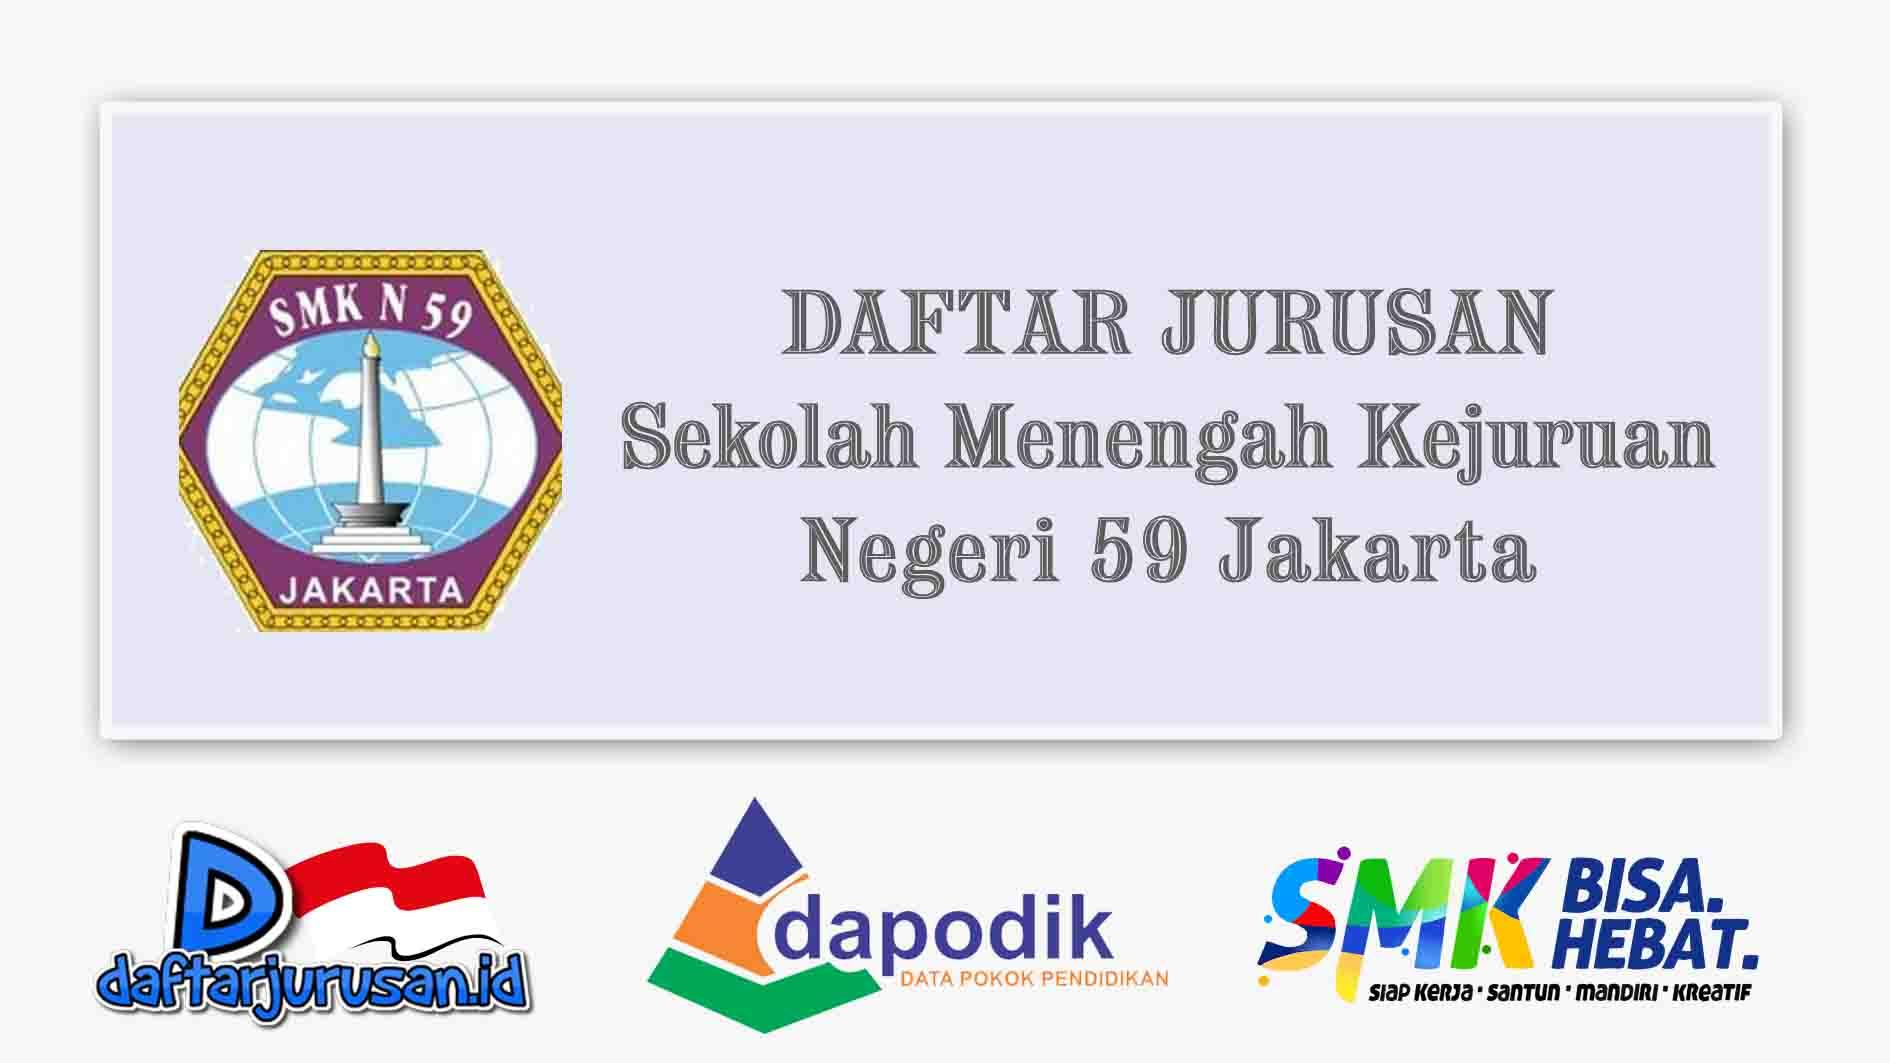 Daftar Jurusan SMK Negeri 59 Jakarta Selatan